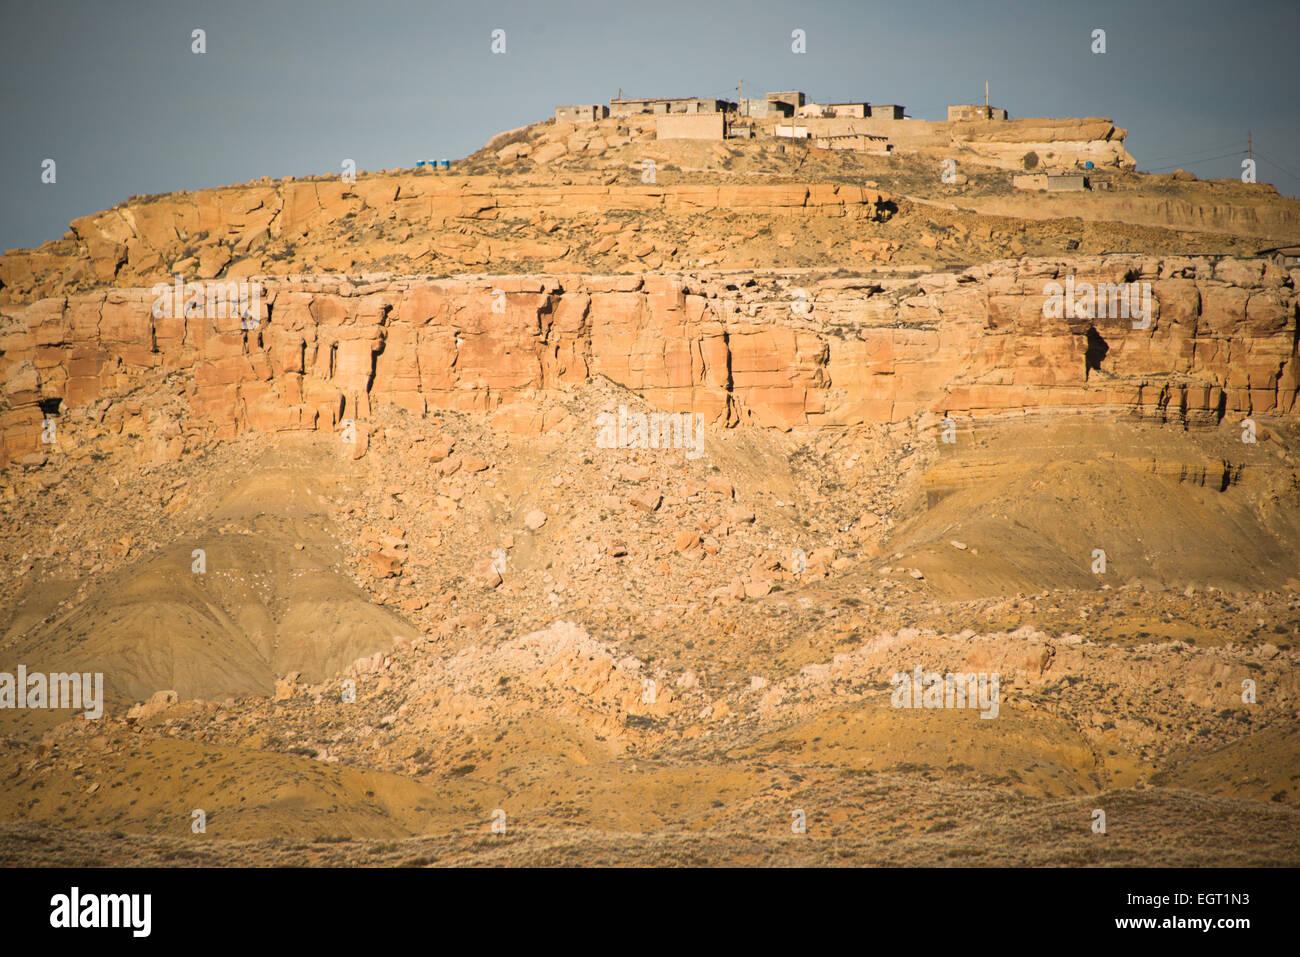 Second mesa; Hopi nation; Arizona; United States - Stock Image